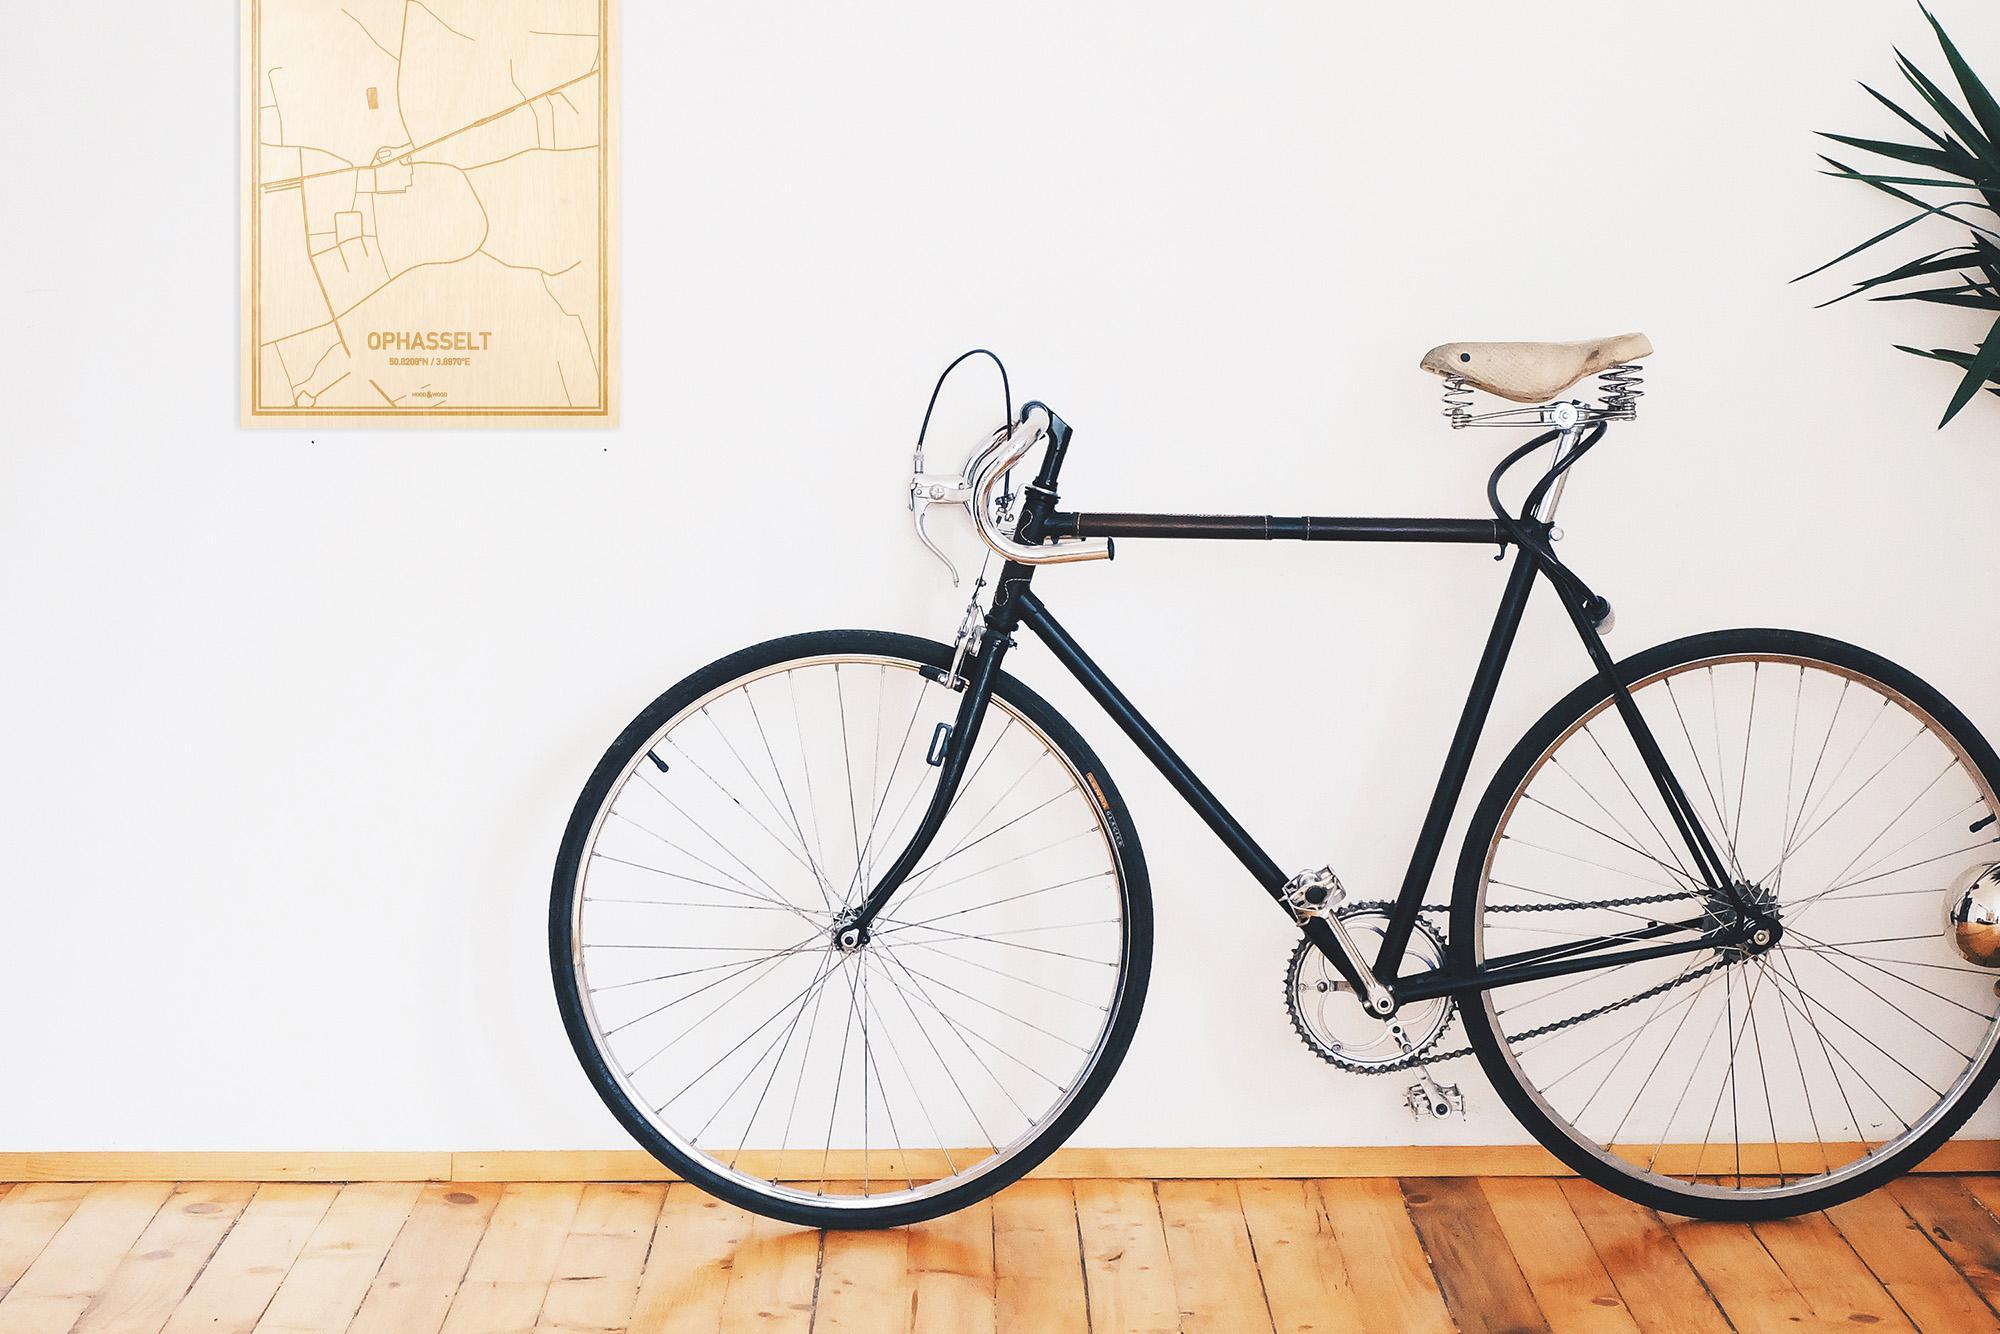 Een snelle fiets in een uniek interieur in Oost-Vlaanderen  met mooie decoratie zoals de plattegrond Ophasselt.